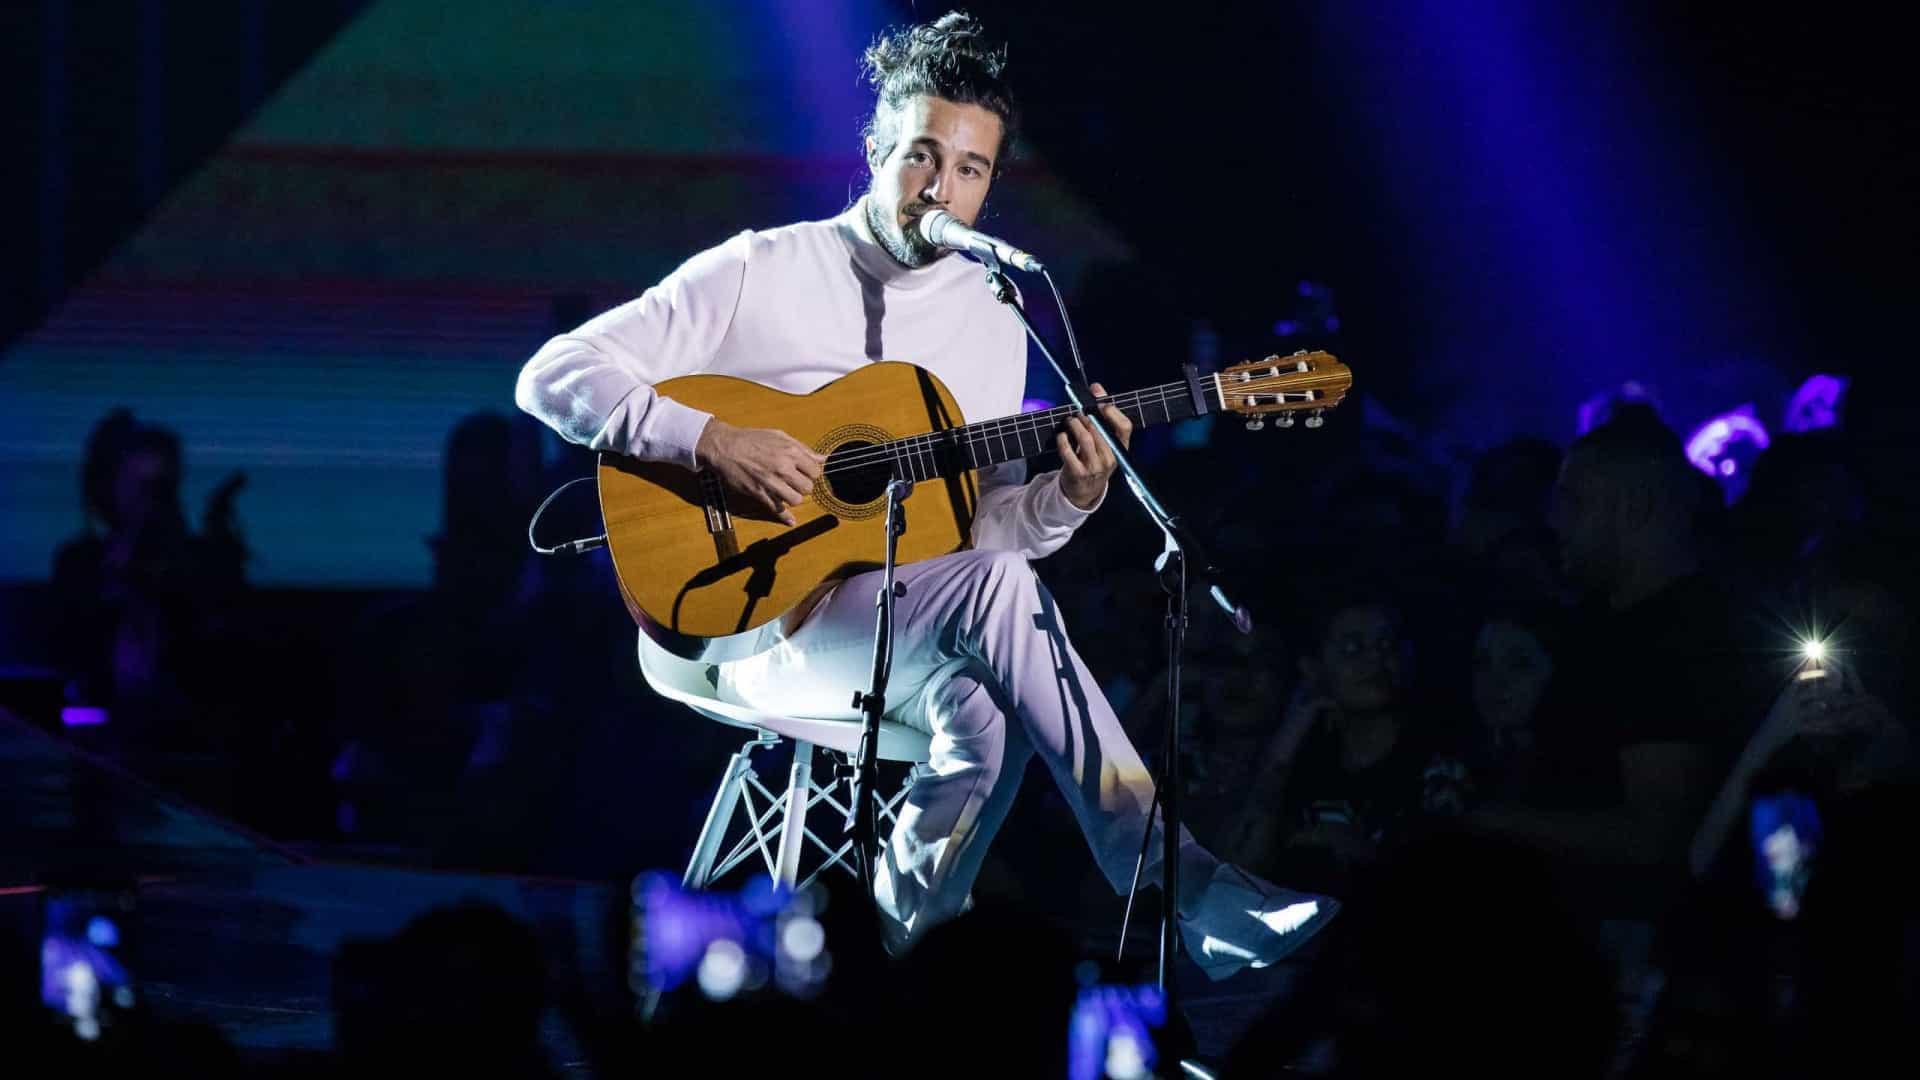 Anavitoria e Tiago Iorc estão entre os premiados do Grammy Latino